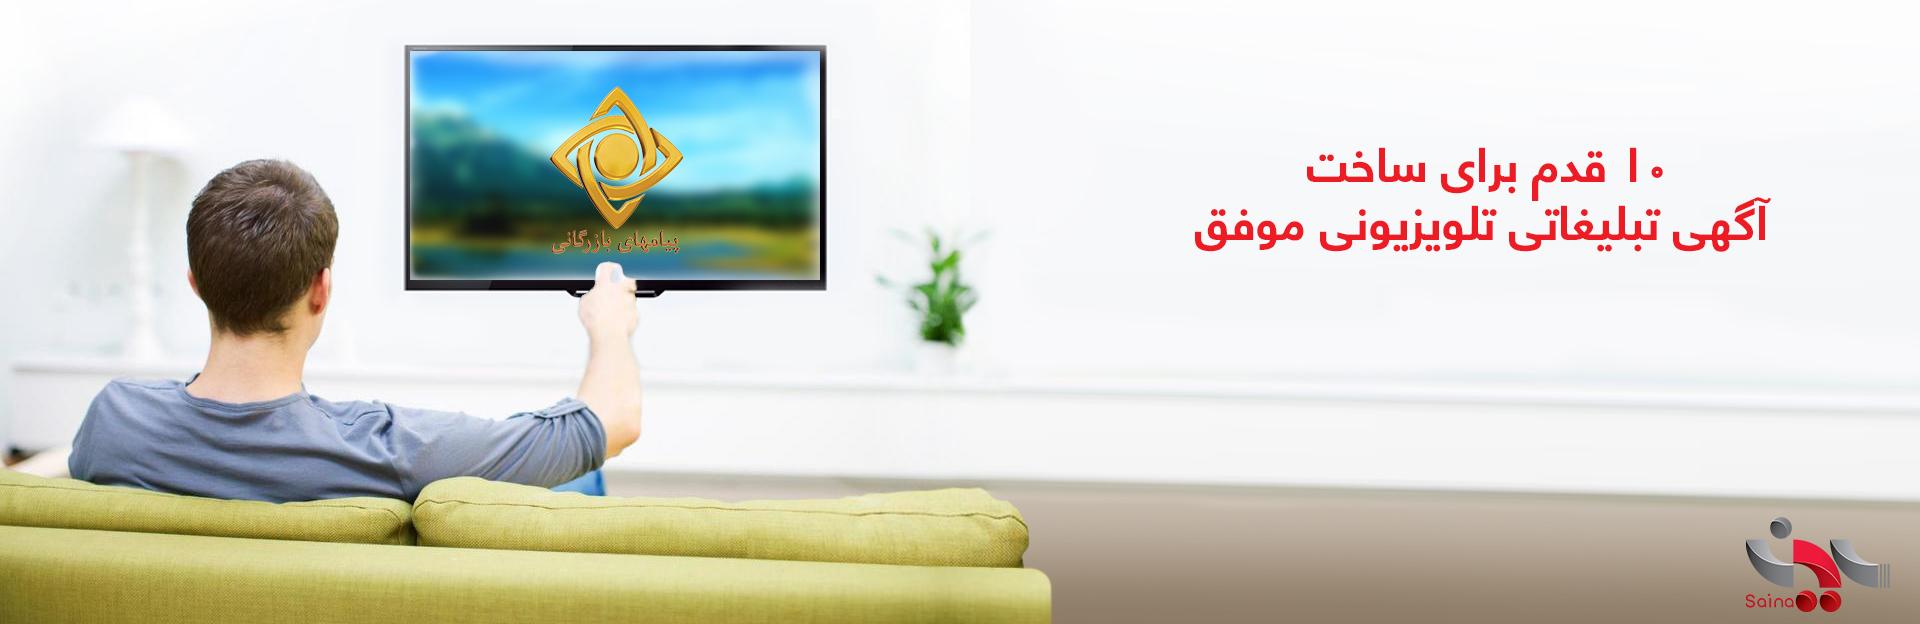 10 قدم برای ساخت آگهی تبلیغاتی تلویزیونی موفق